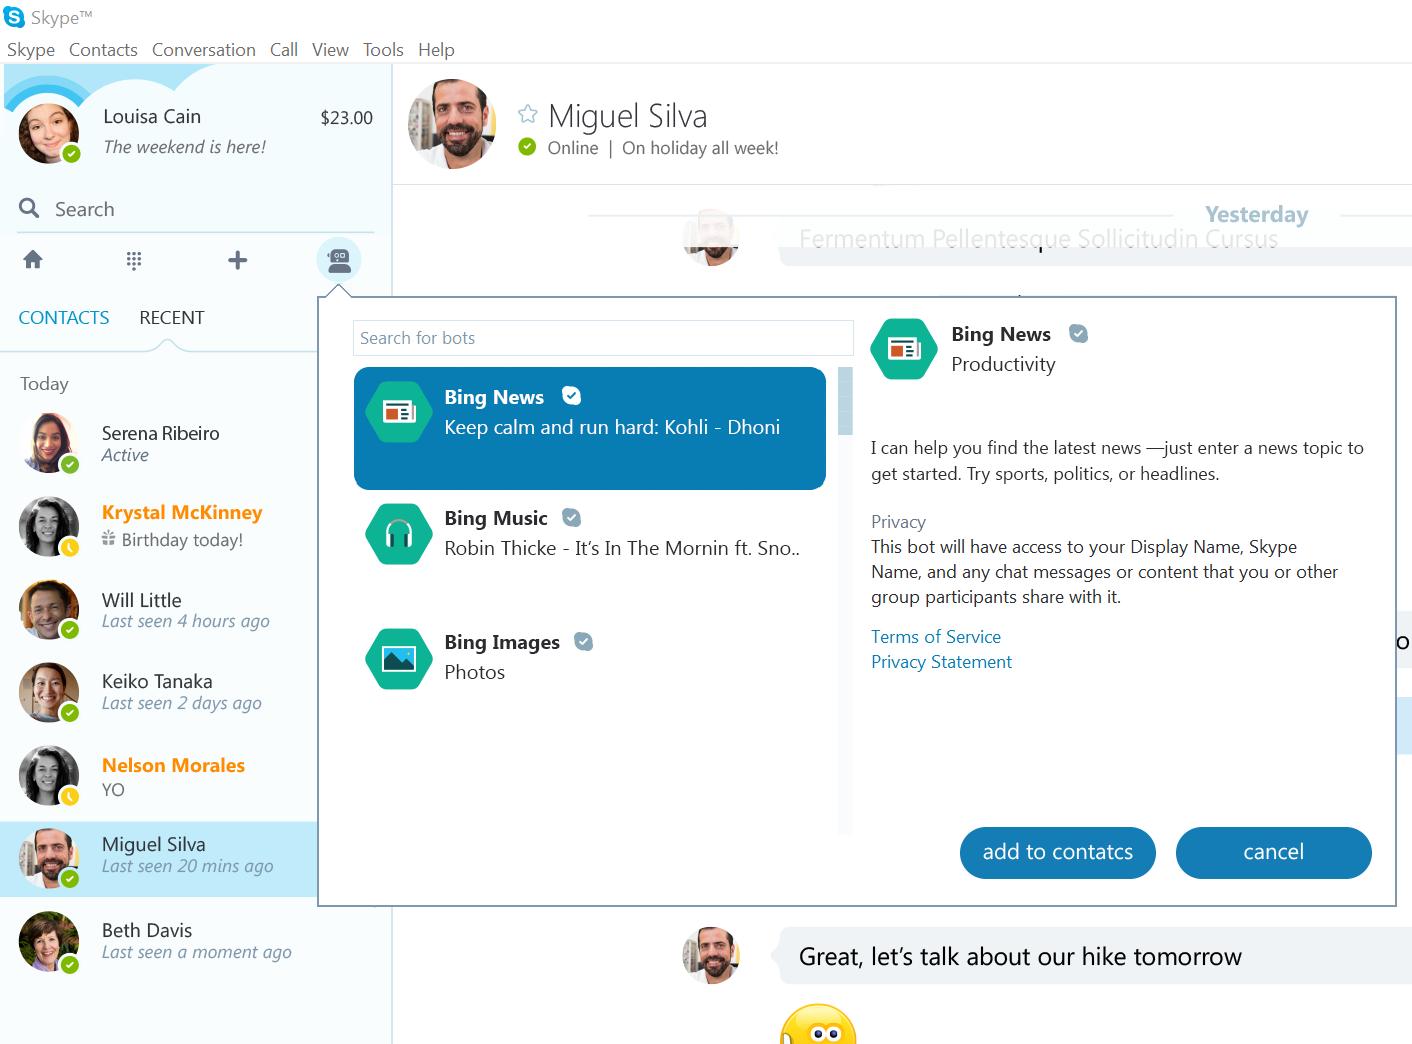 Microsoft запустила ботов в Skype - 1